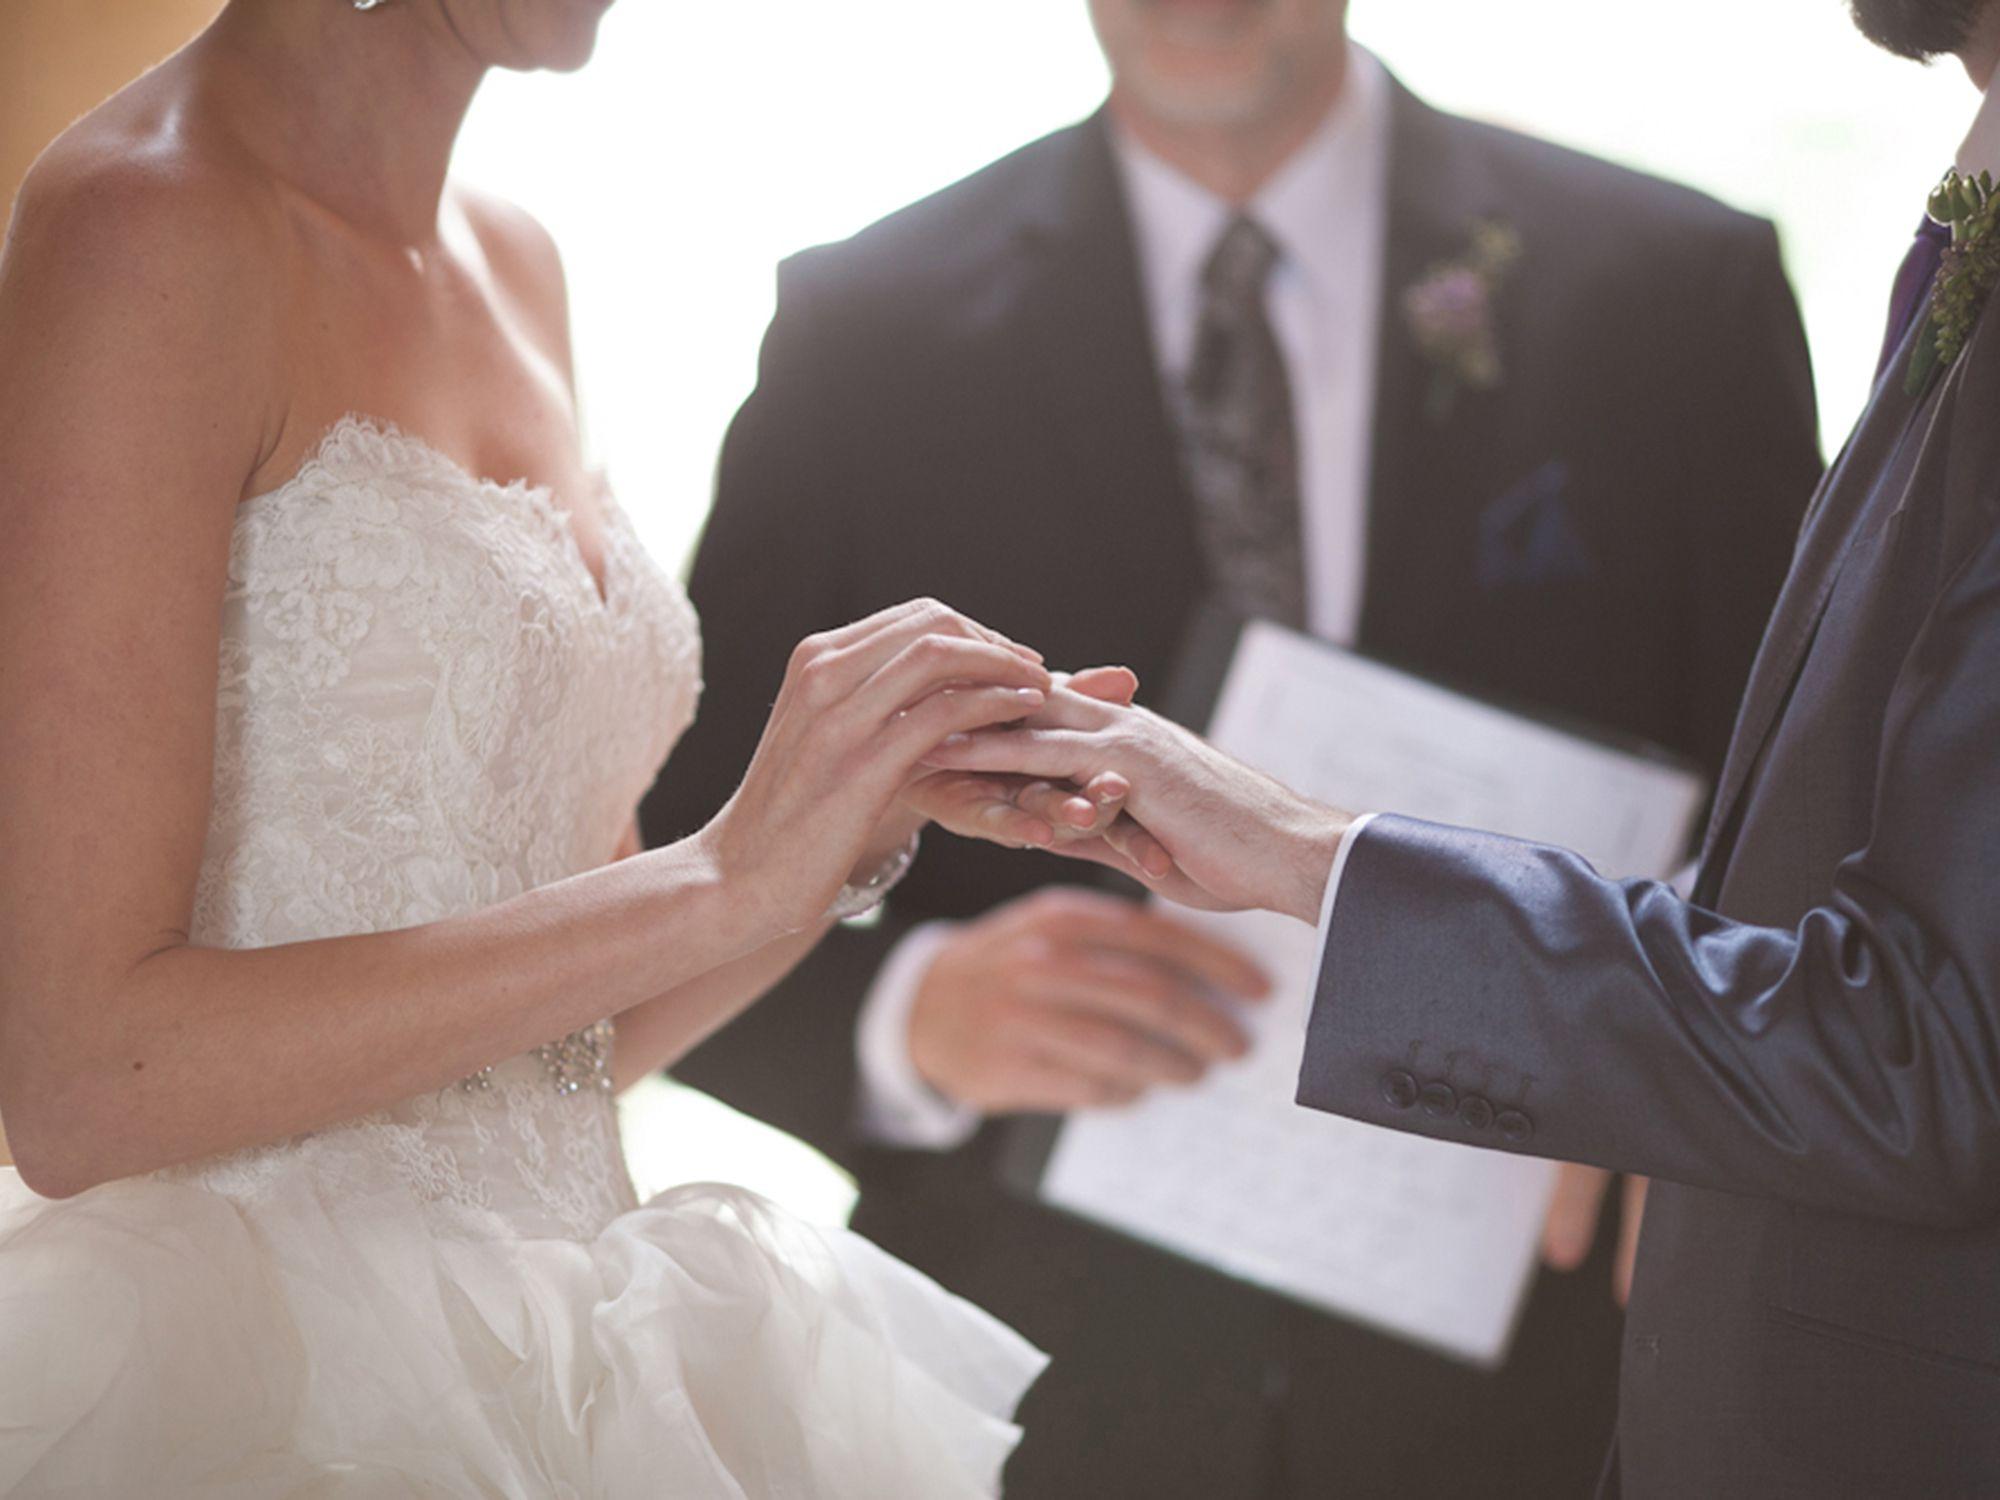 10-coisas-para-praticar-antes-do-casamento3 10 COISAS PARA PRATICAR ANTES DO SEU GRANDE DIA